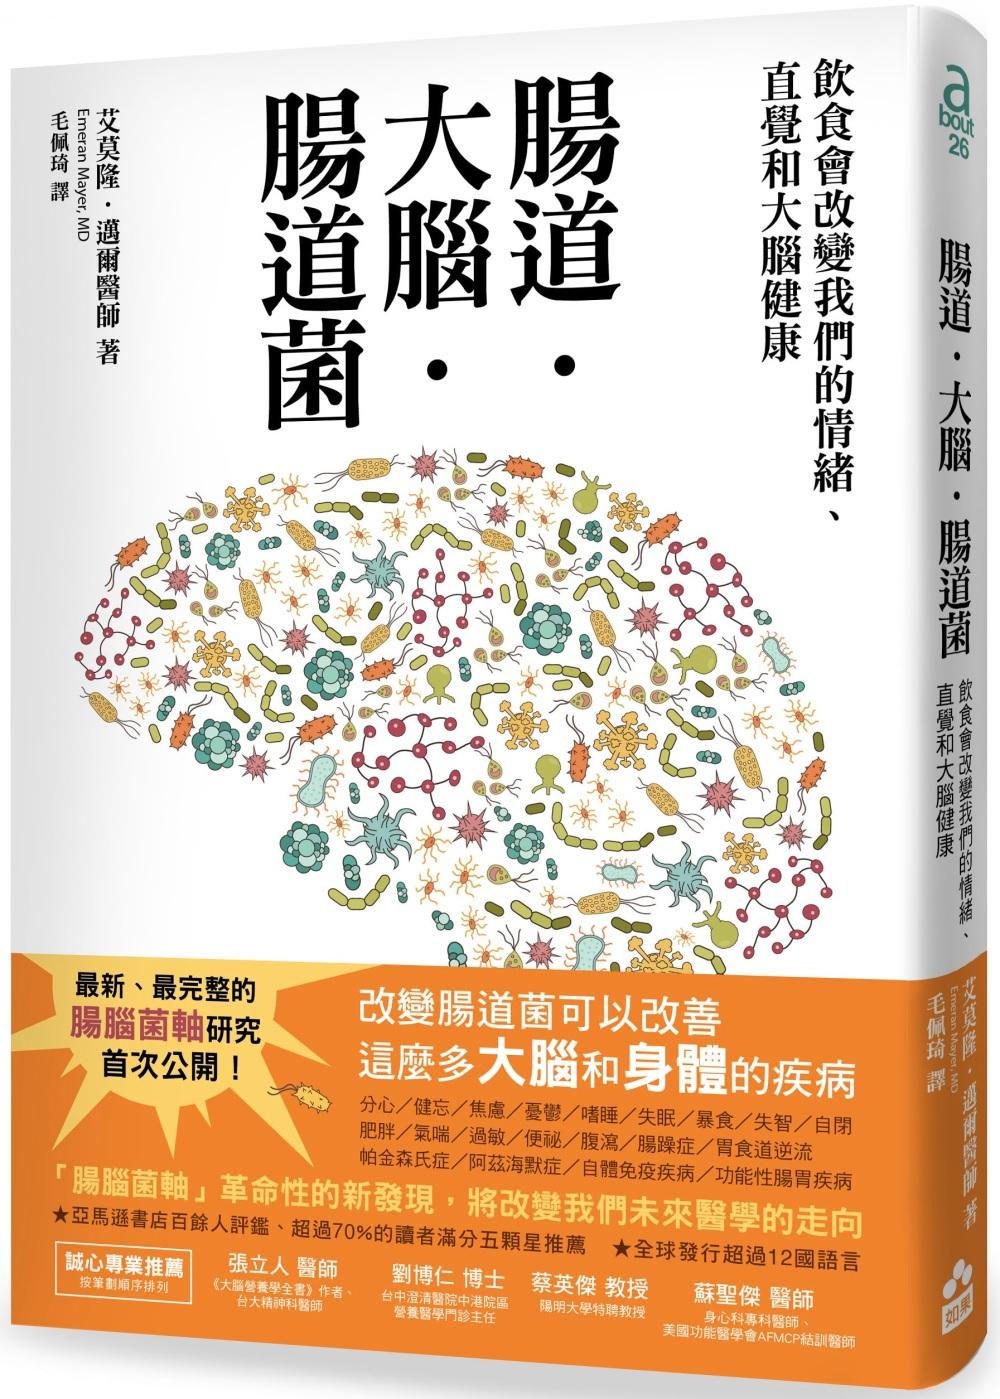 腸道.大腦.腸道菌:飲食會改變你的情緒、直覺和大腦健康